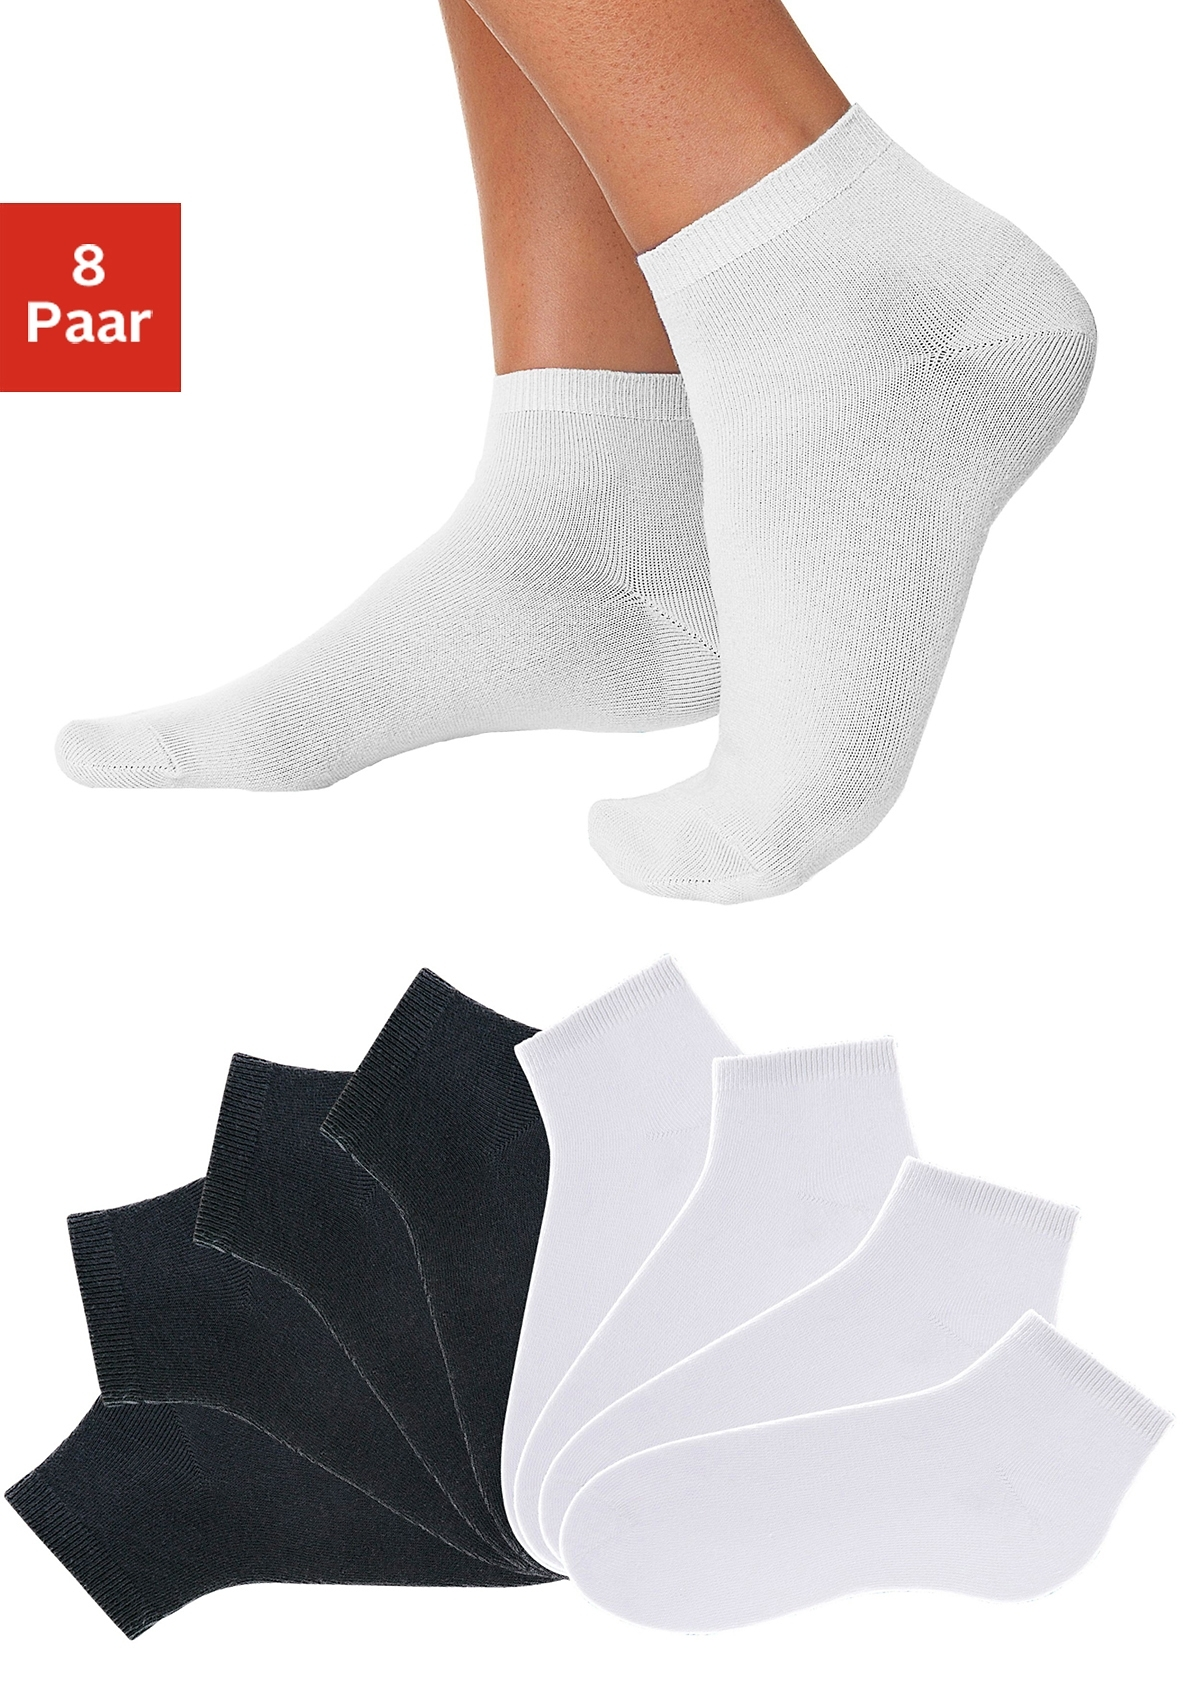 Go in Korte sokken uni in basic kleuren (8 paar) veilig op lascana.nl kopen